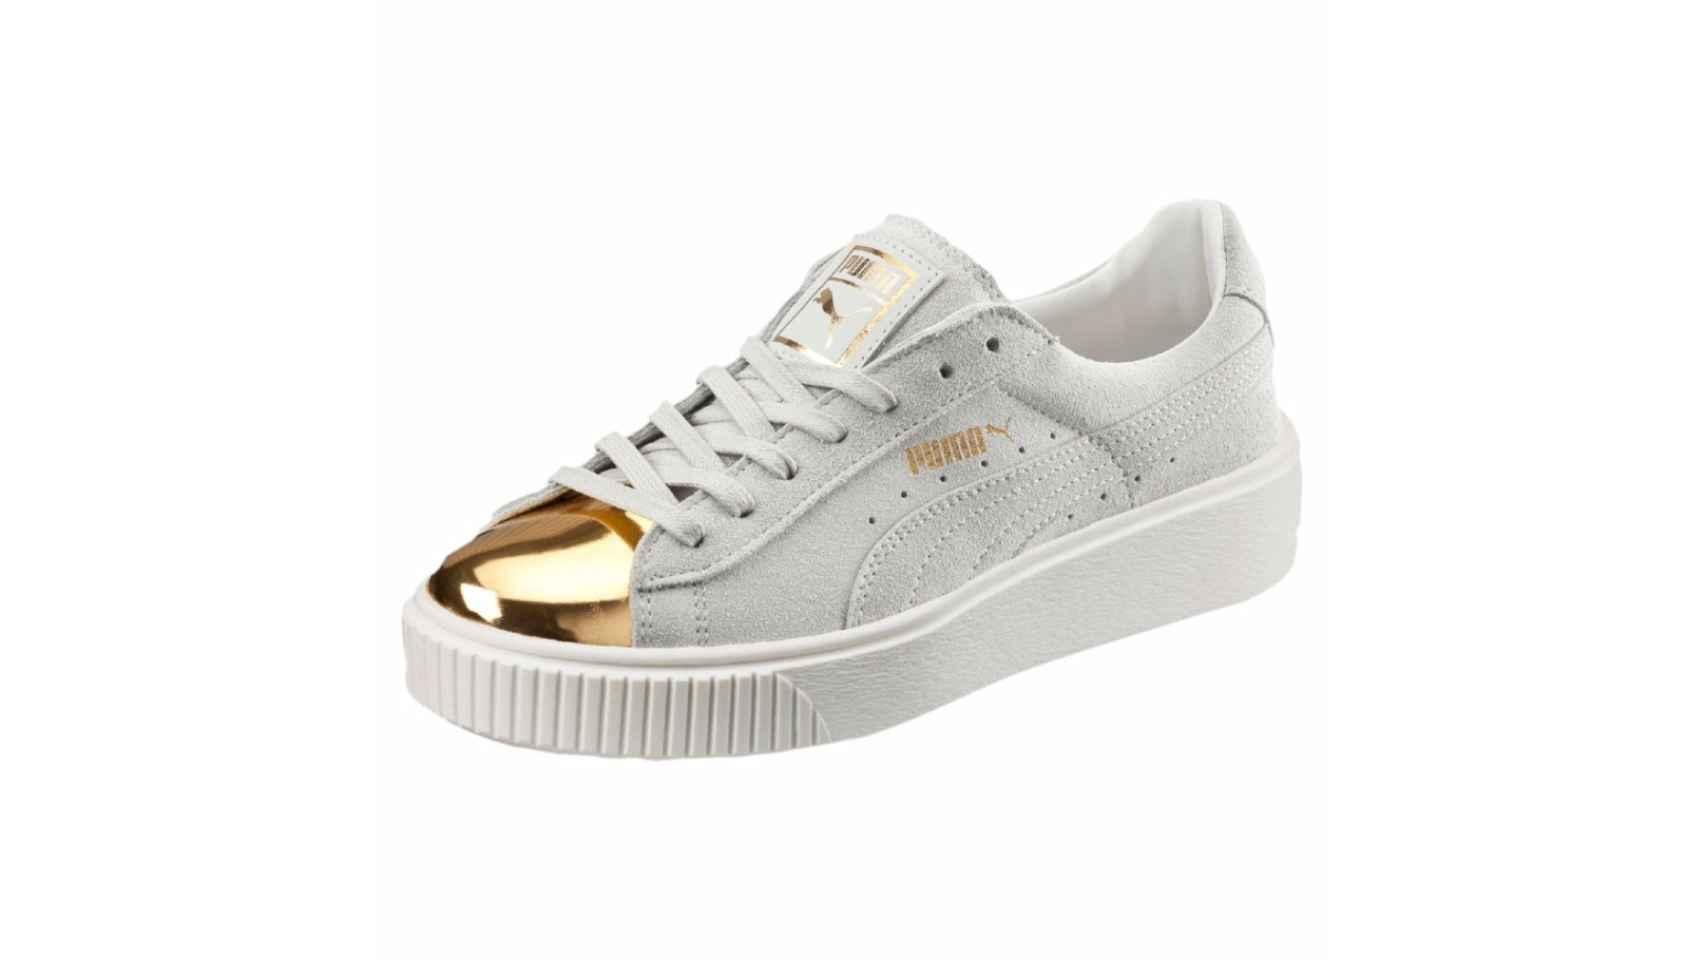 Zapatillas de Puma (100,00 euros).